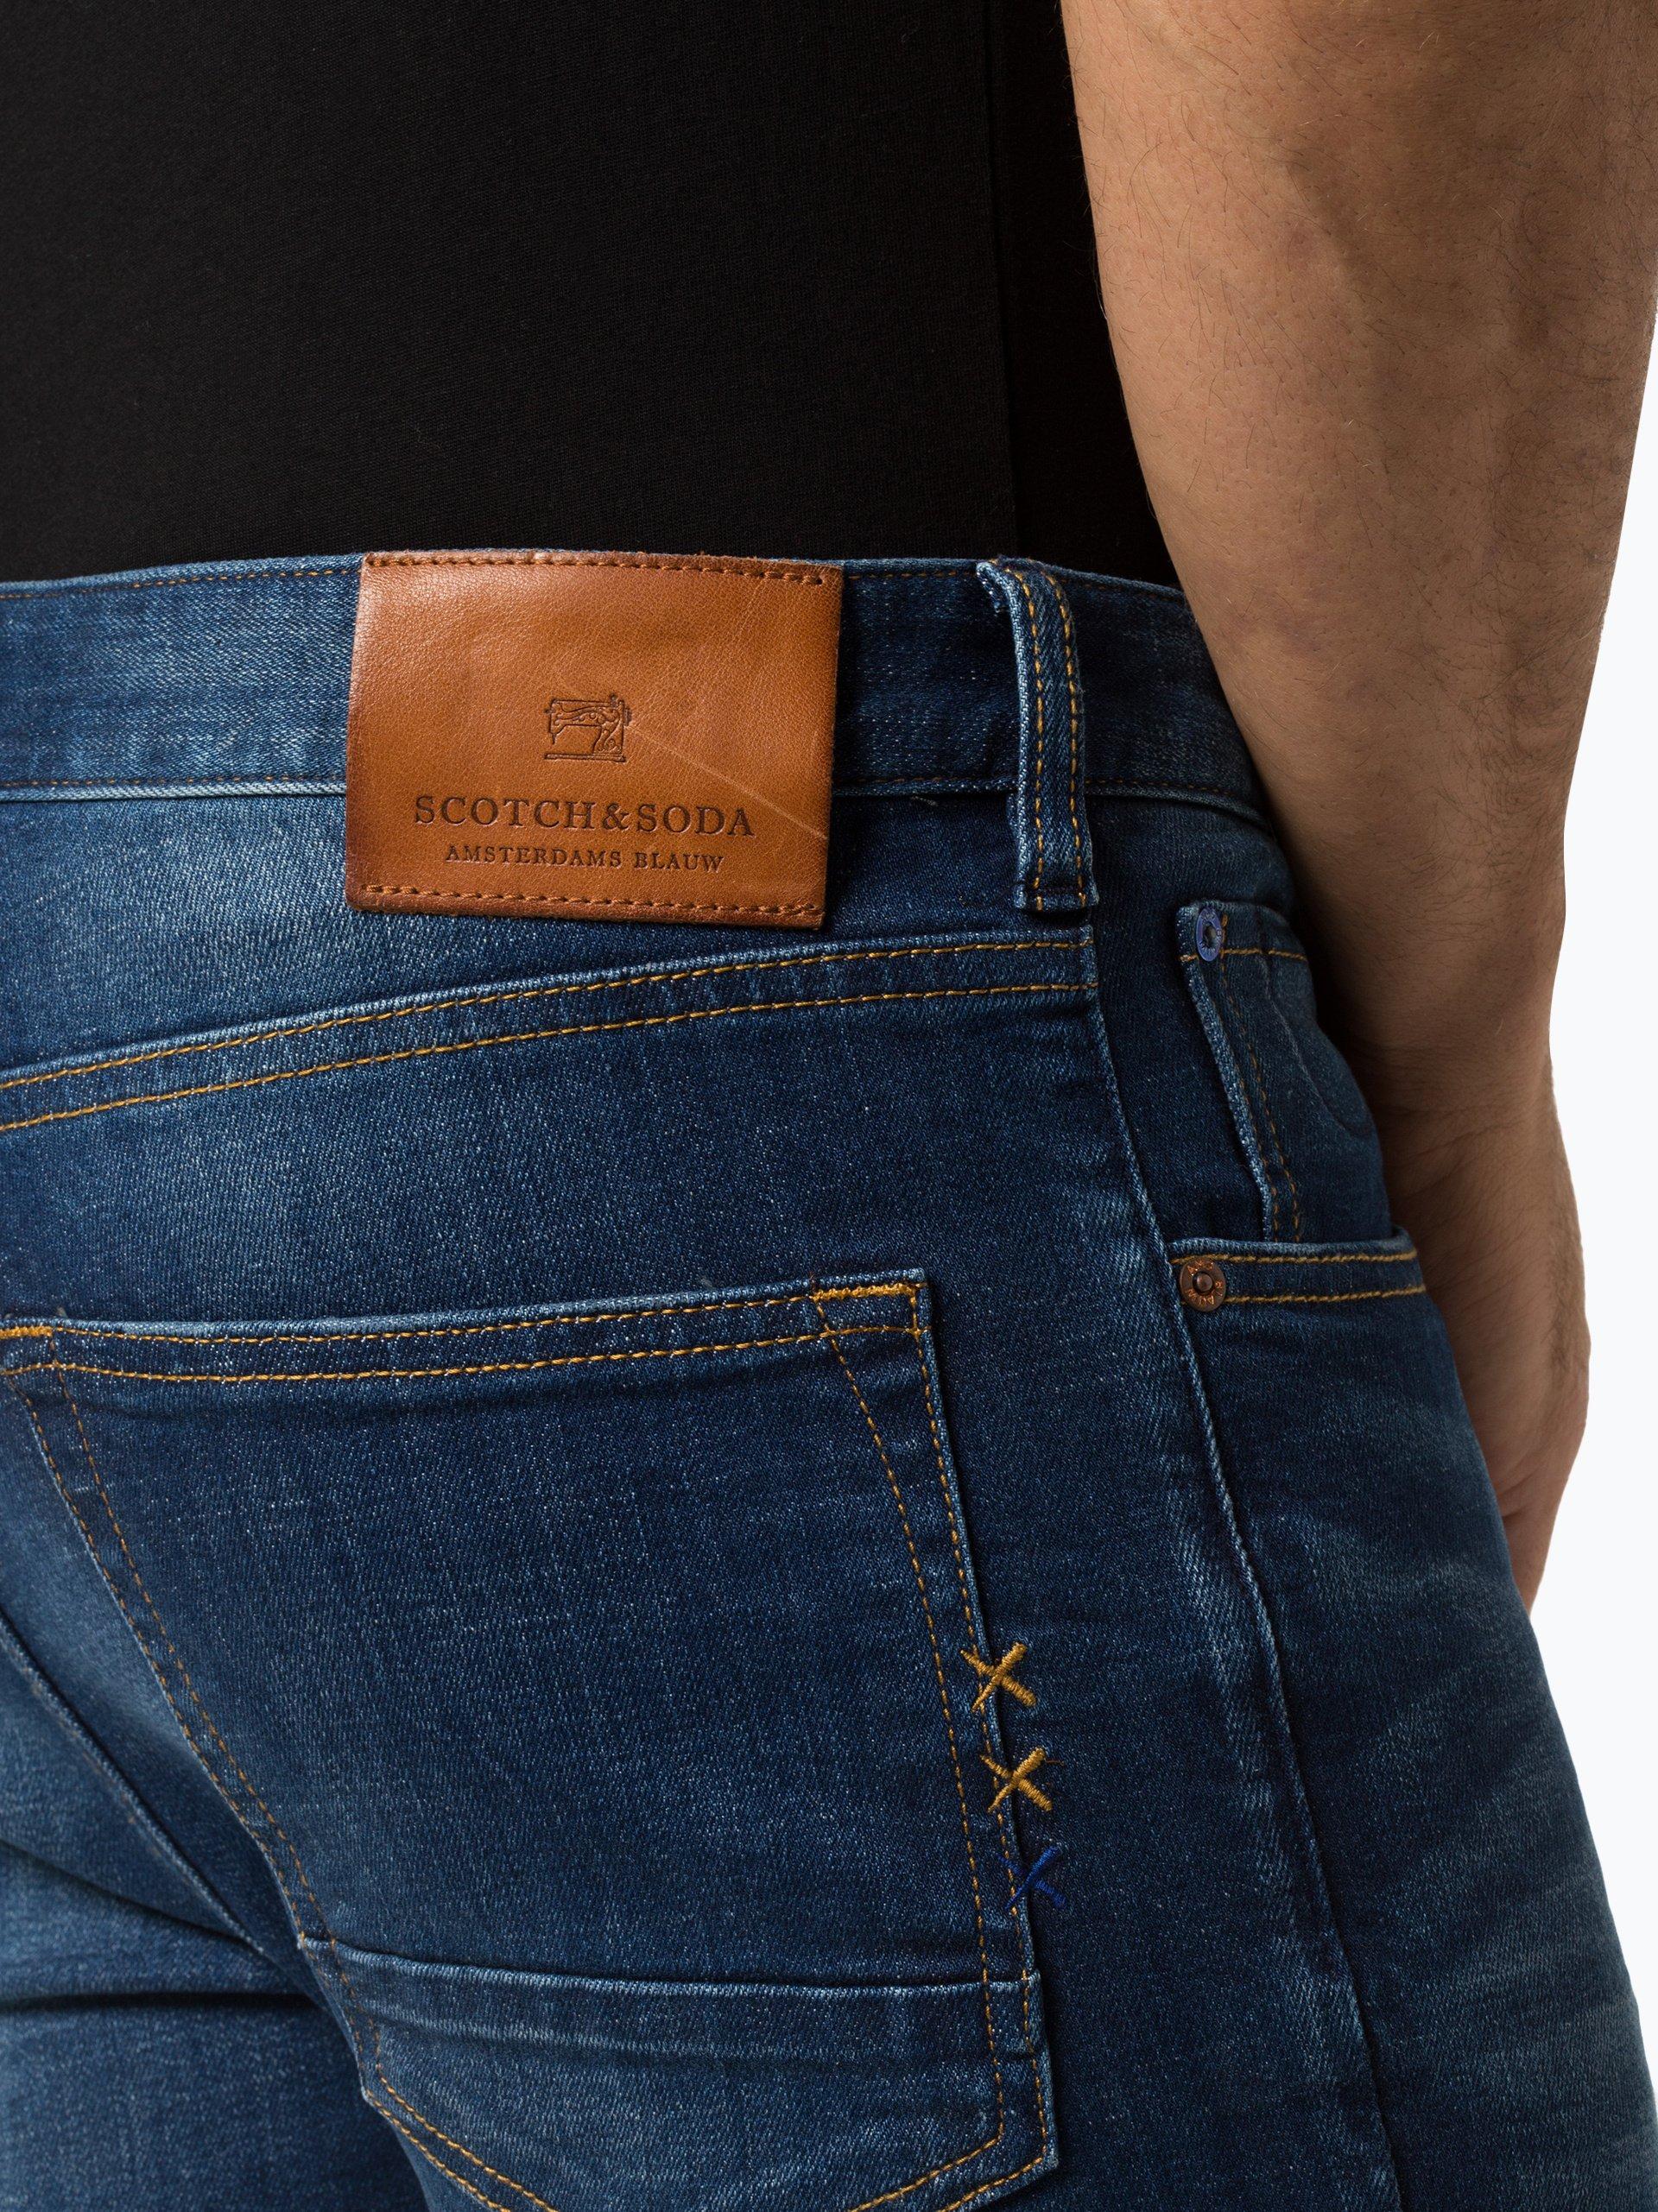 Scotch & Soda Herren Jeans